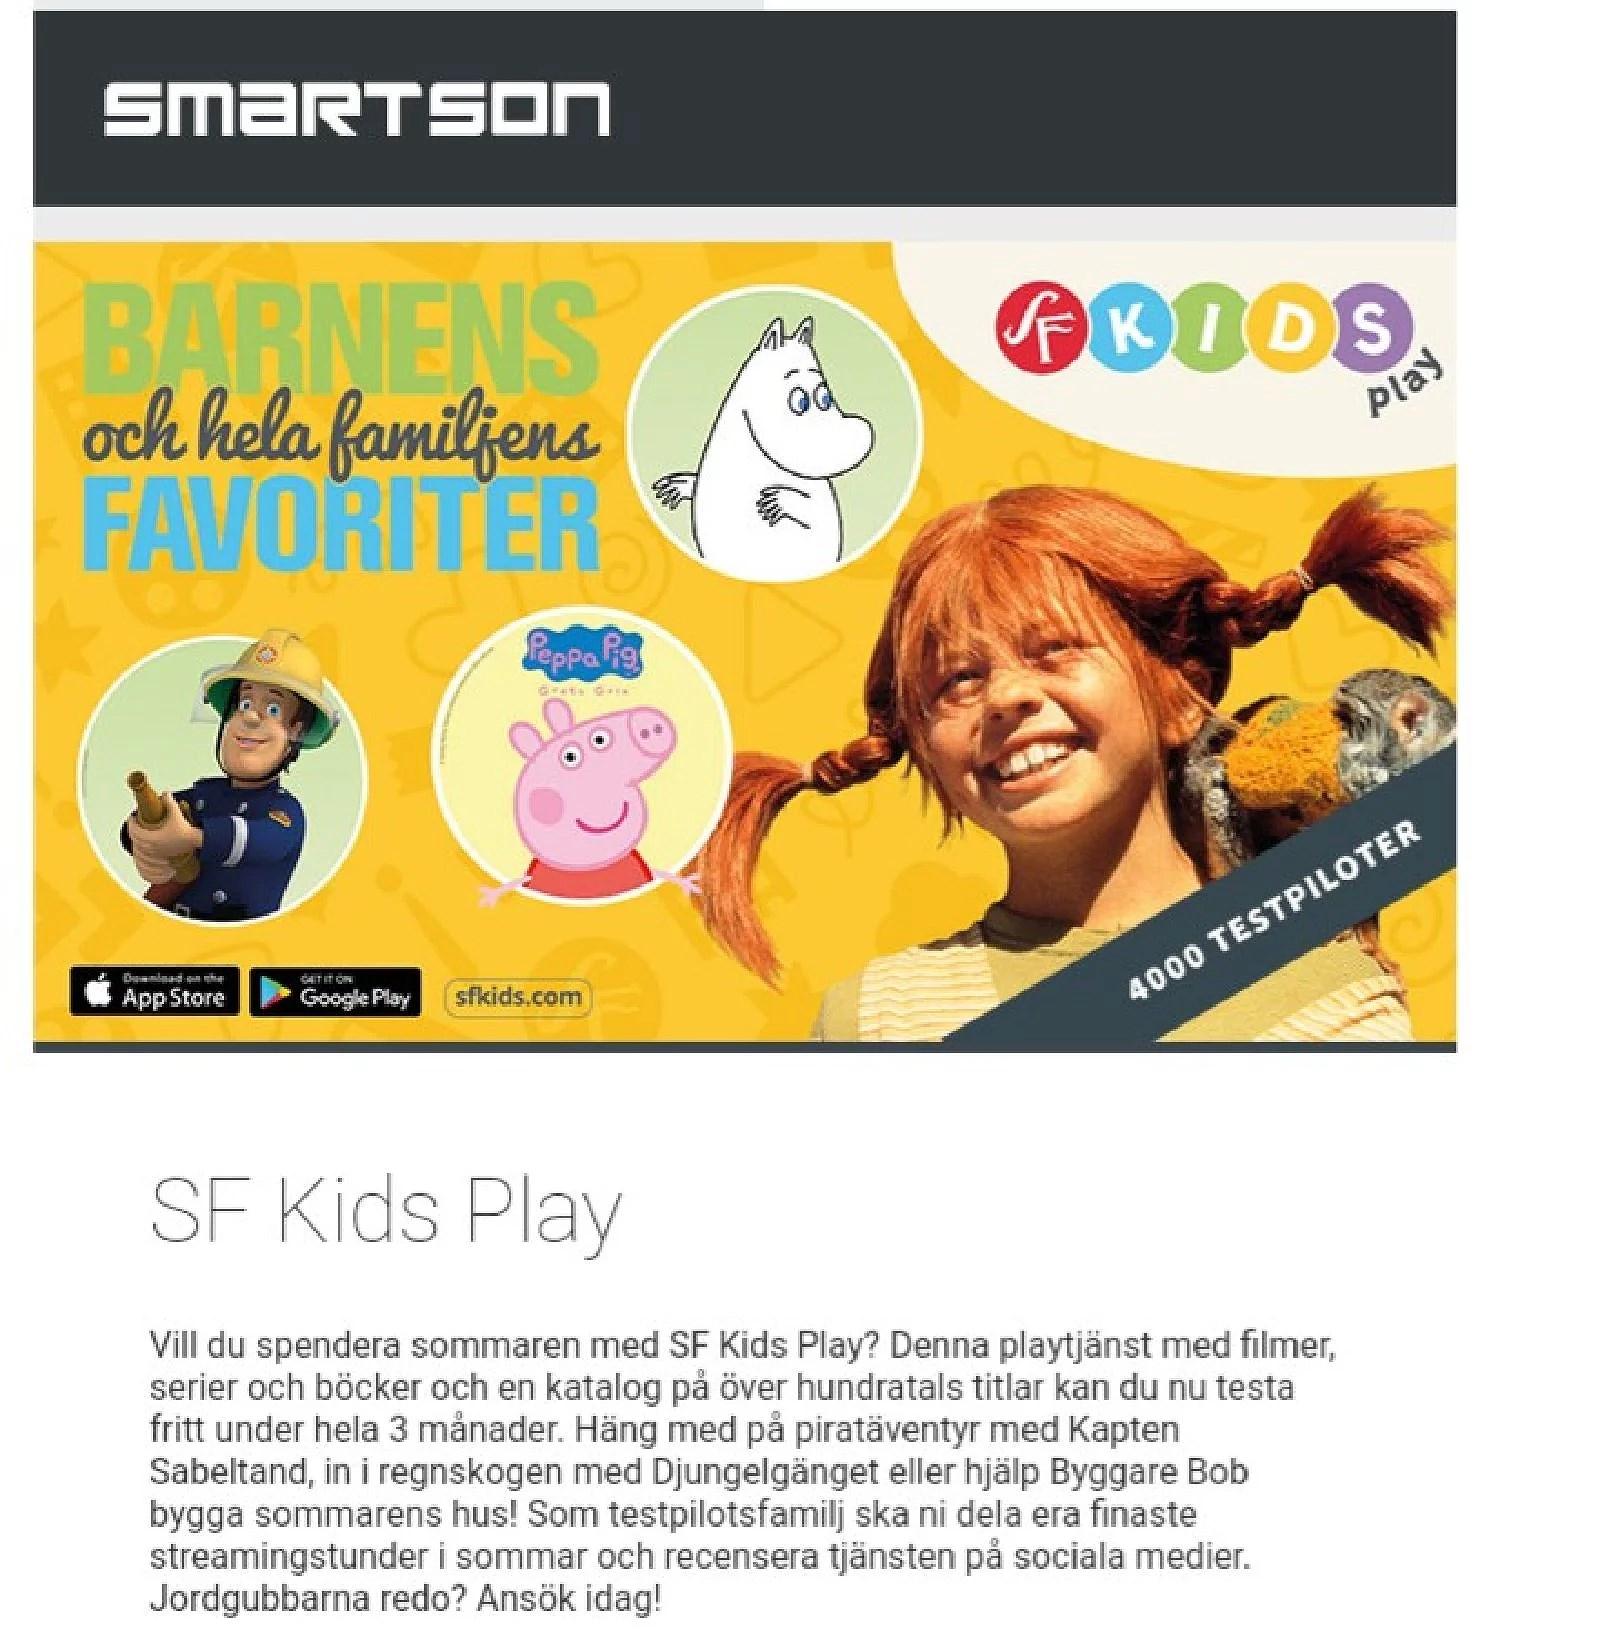 SF KIDS PLAY GRATIS 3 MÅNADER